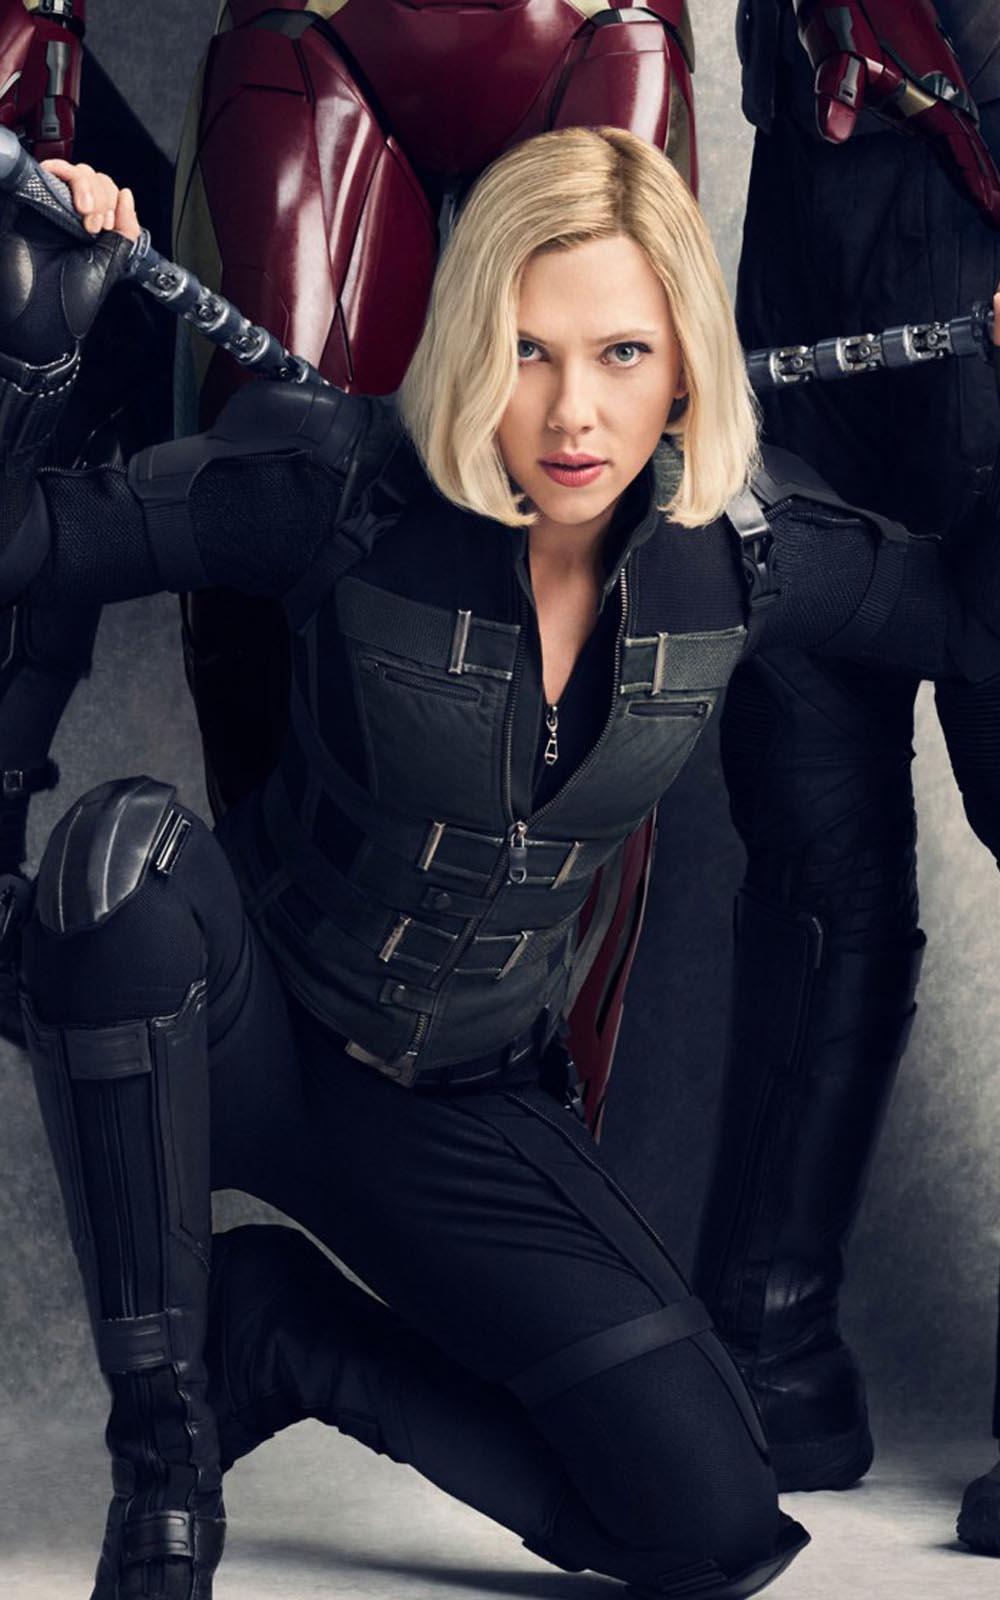 Scarlett Johansson In Avengers Infinity War Download